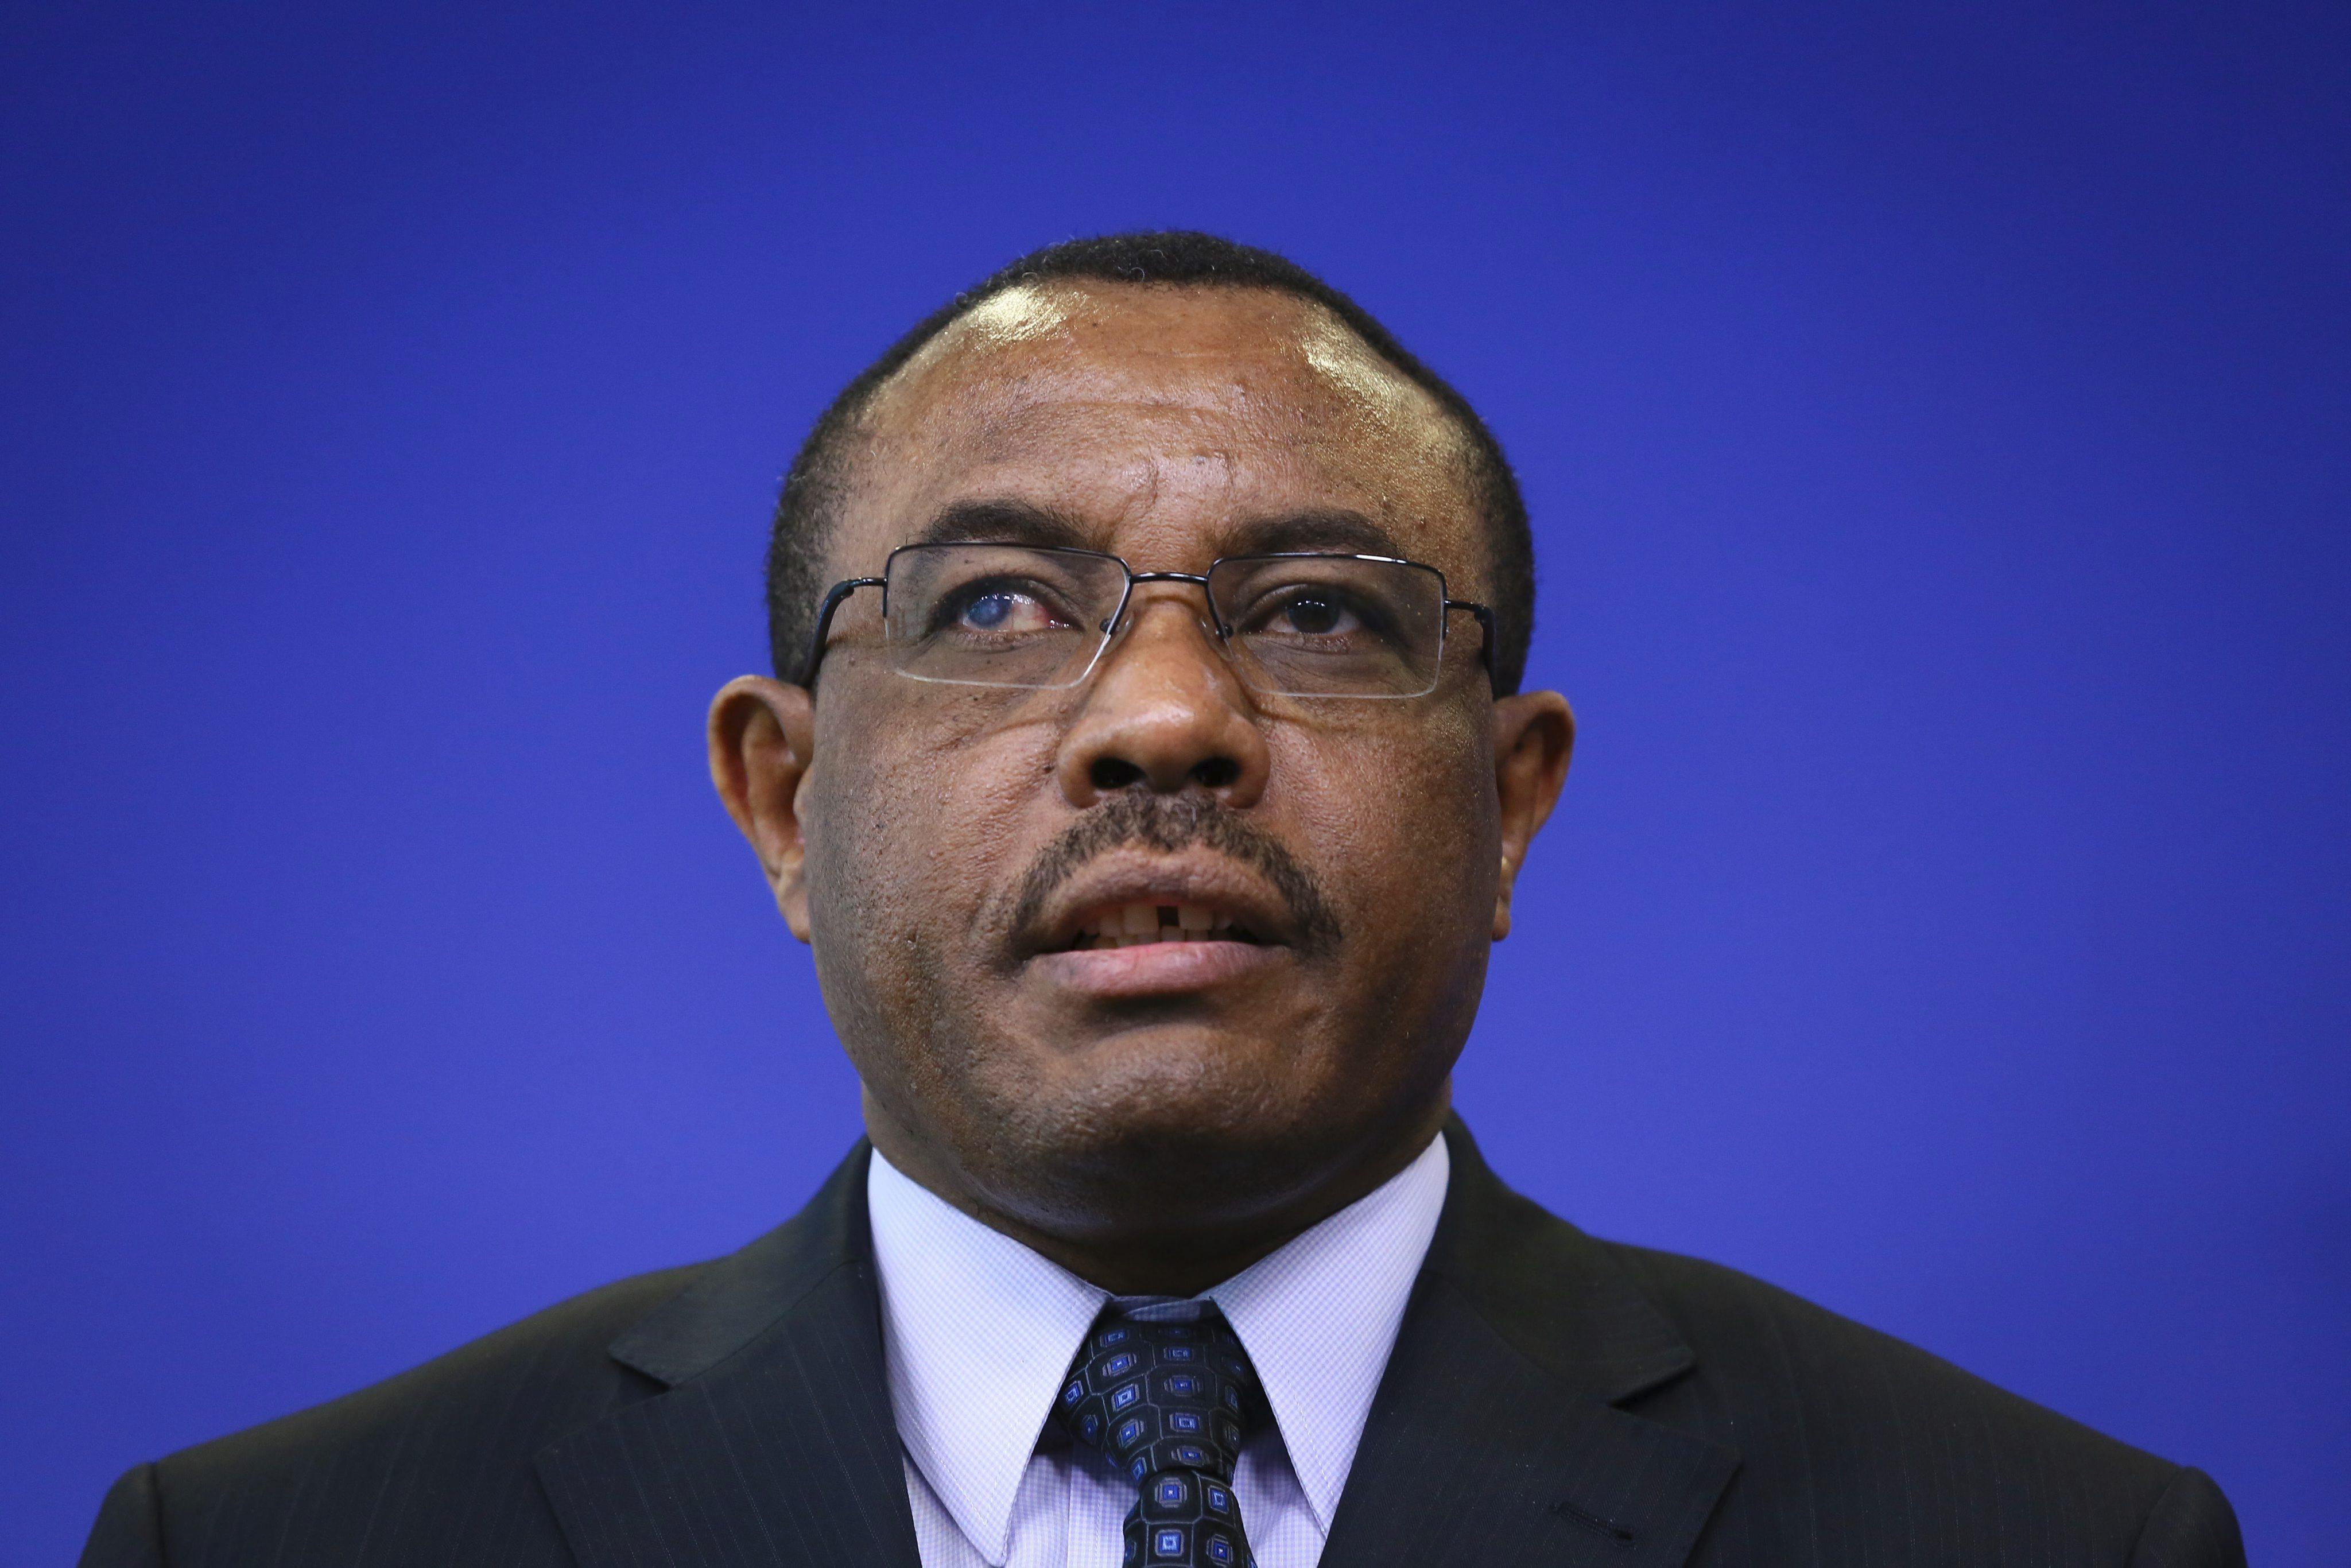 La CE destaca el papel central de la UA en la integración regional africana